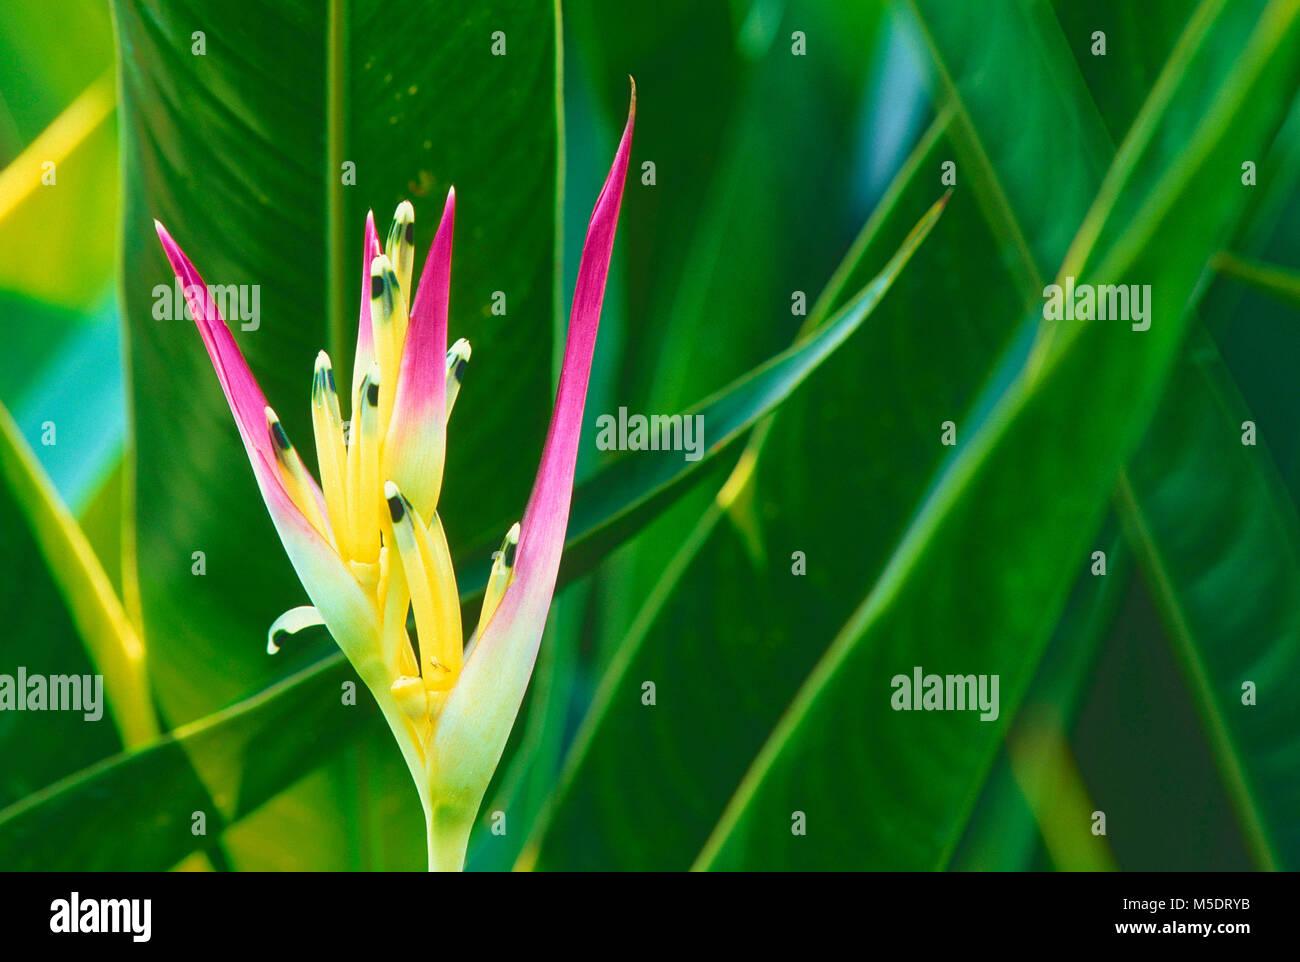 Heliconia, Heliconia latispatha, Heliconiaceae, inflorescence, flower, plant, Botanic Garden, Singapore - Stock Image